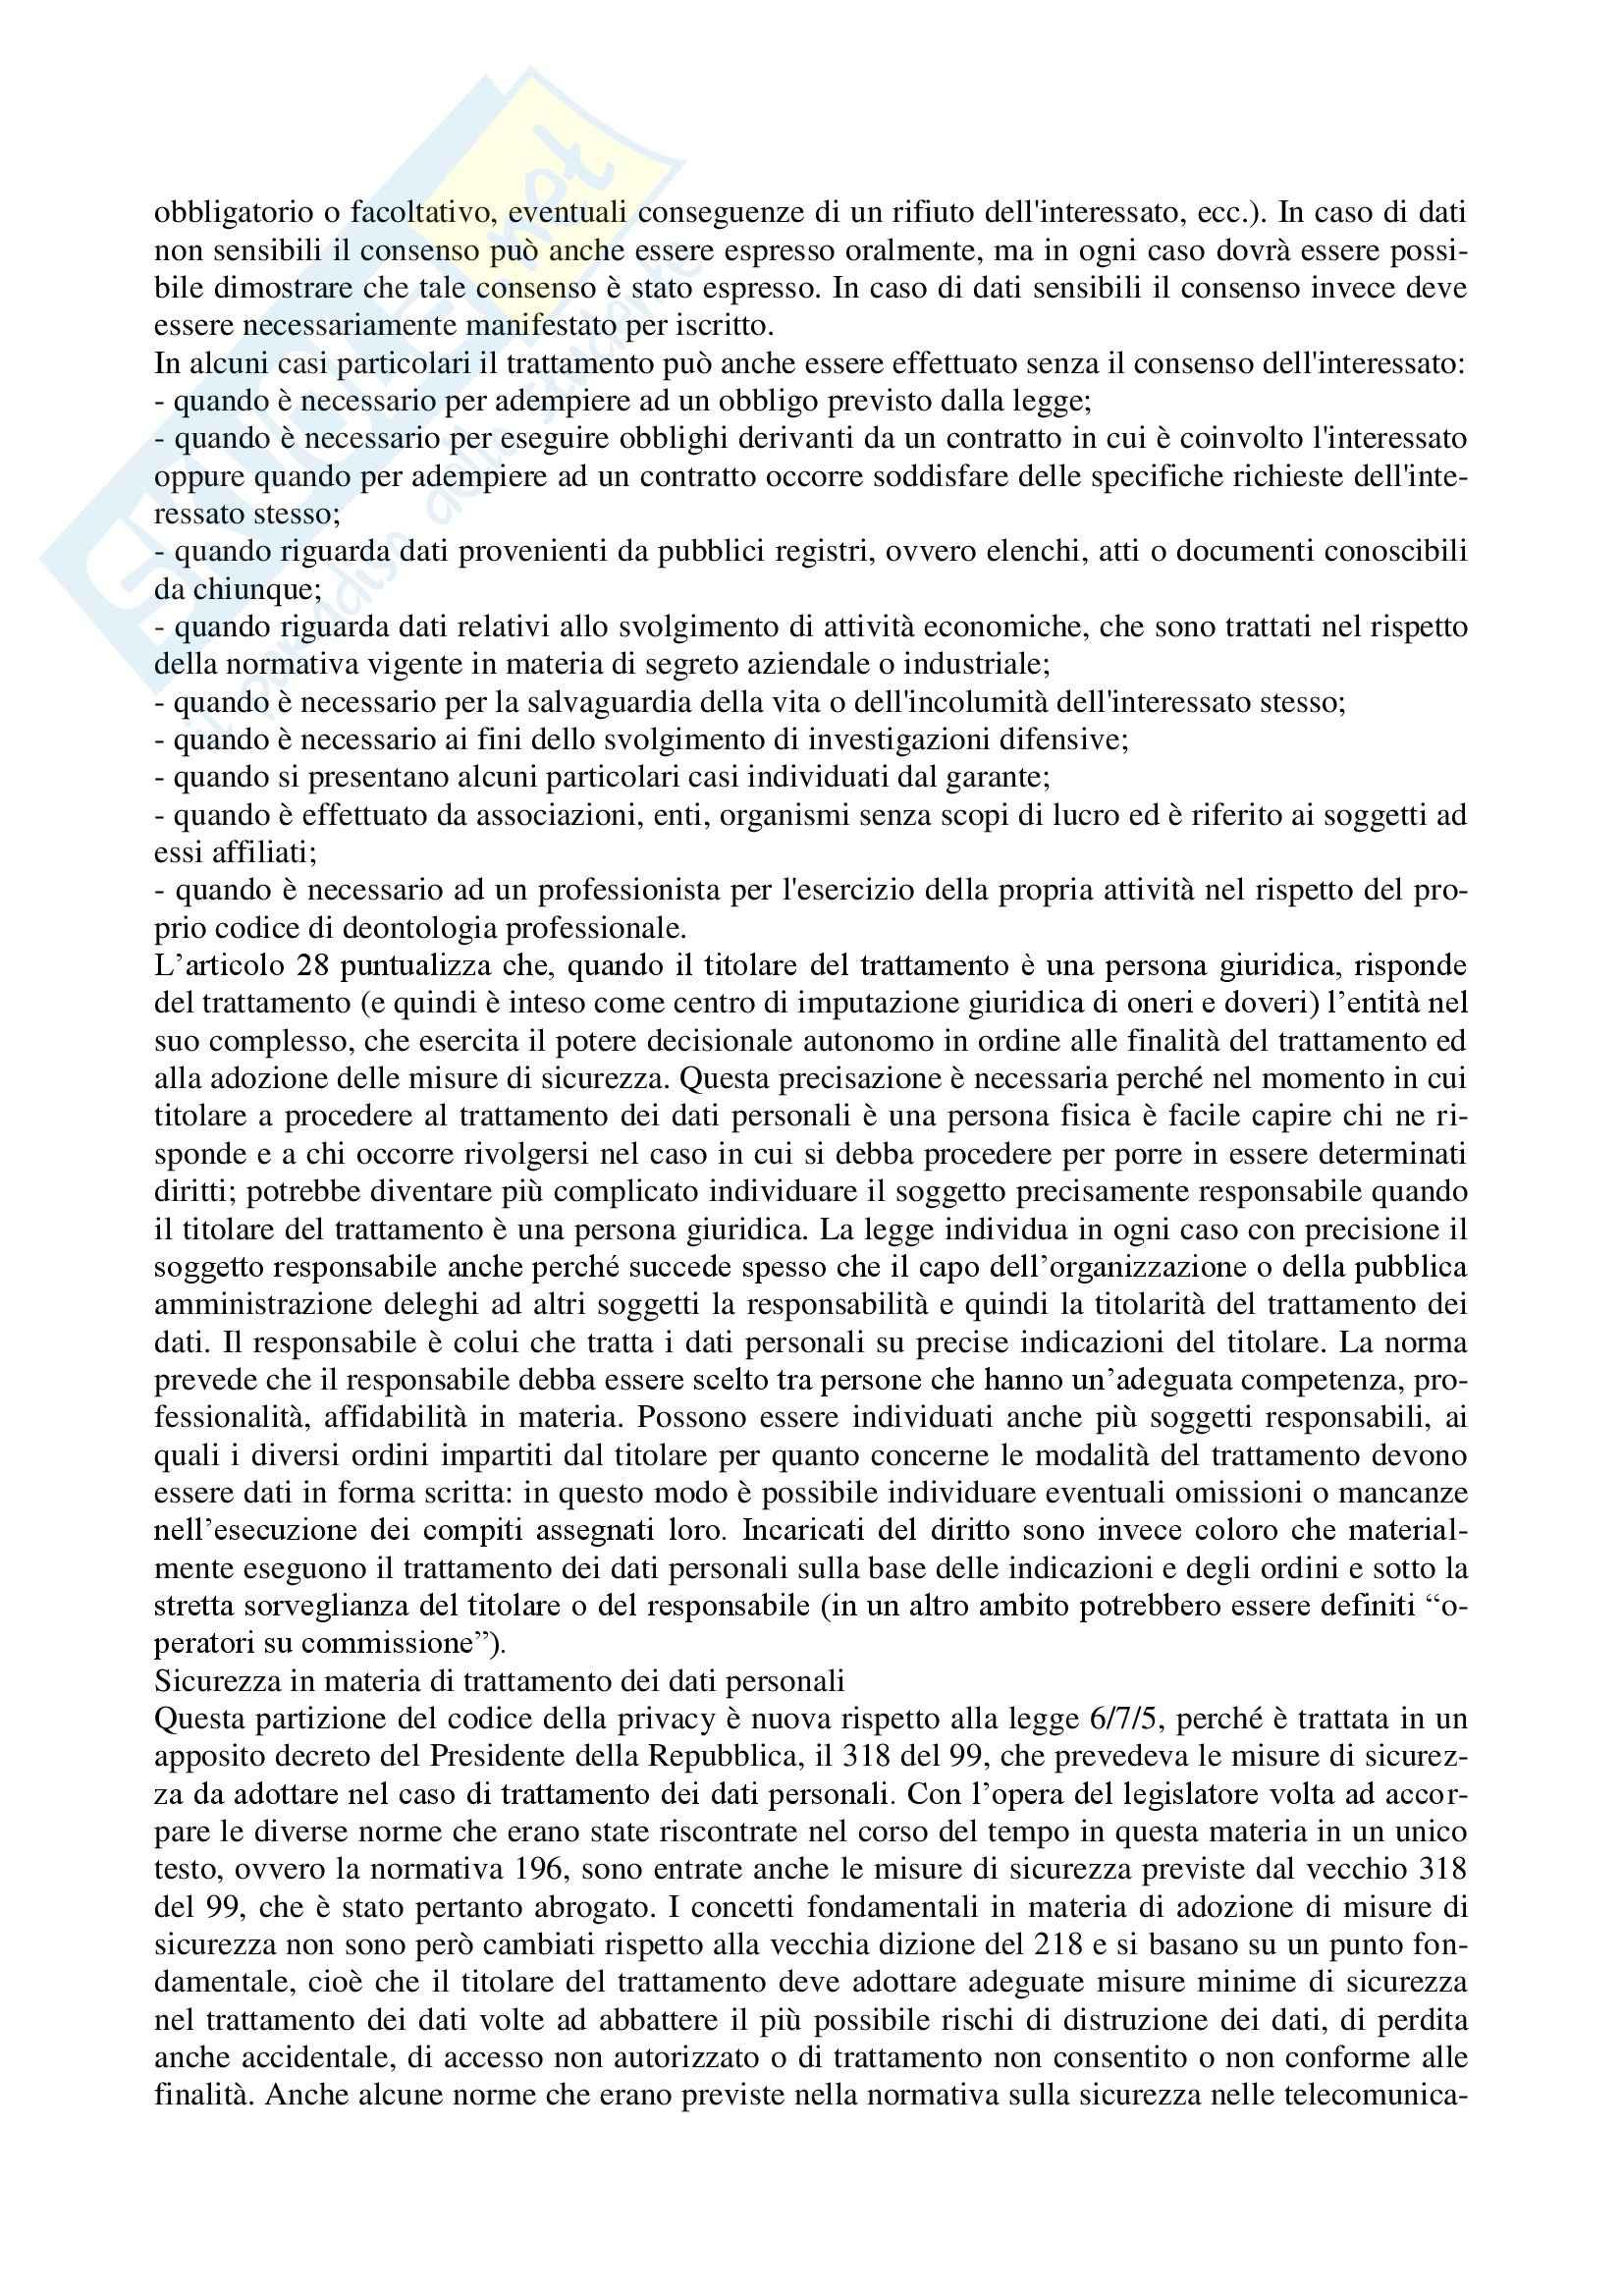 Diritto dell'informatica - Appunti Pag. 16